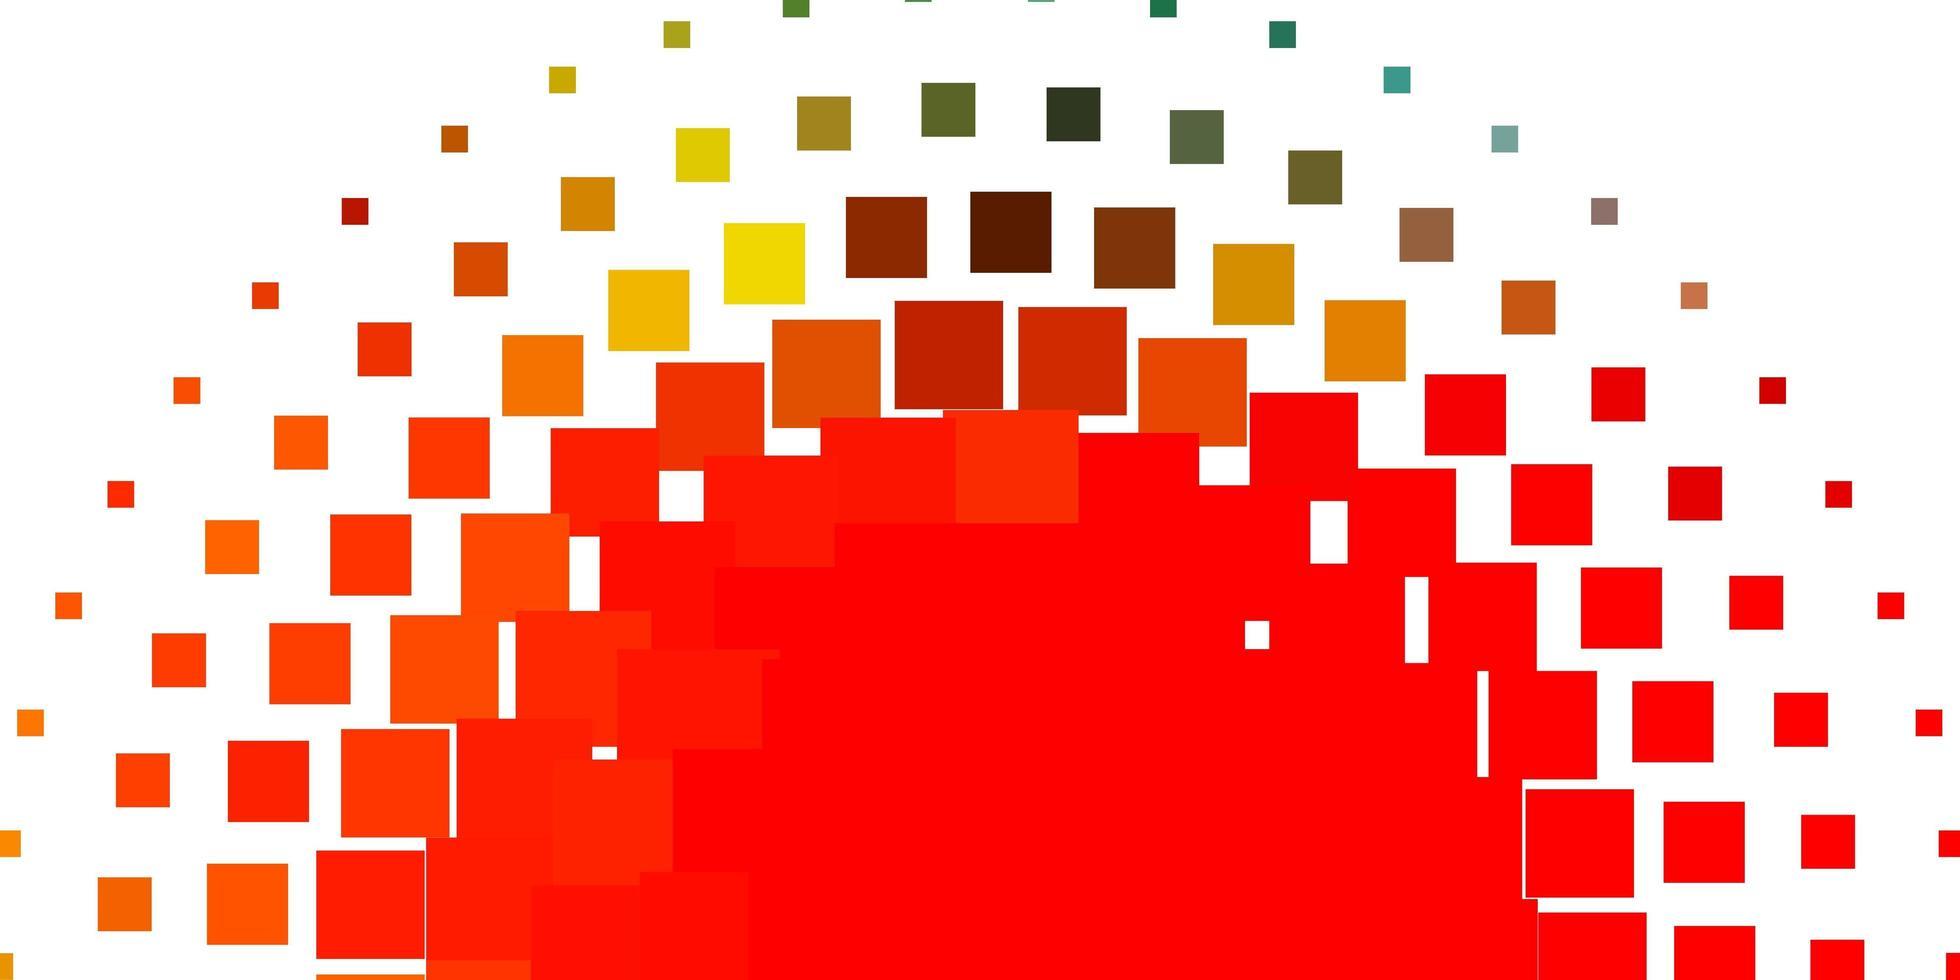 licht veelkleurige vector lay-out met lijnen, rechthoeken.